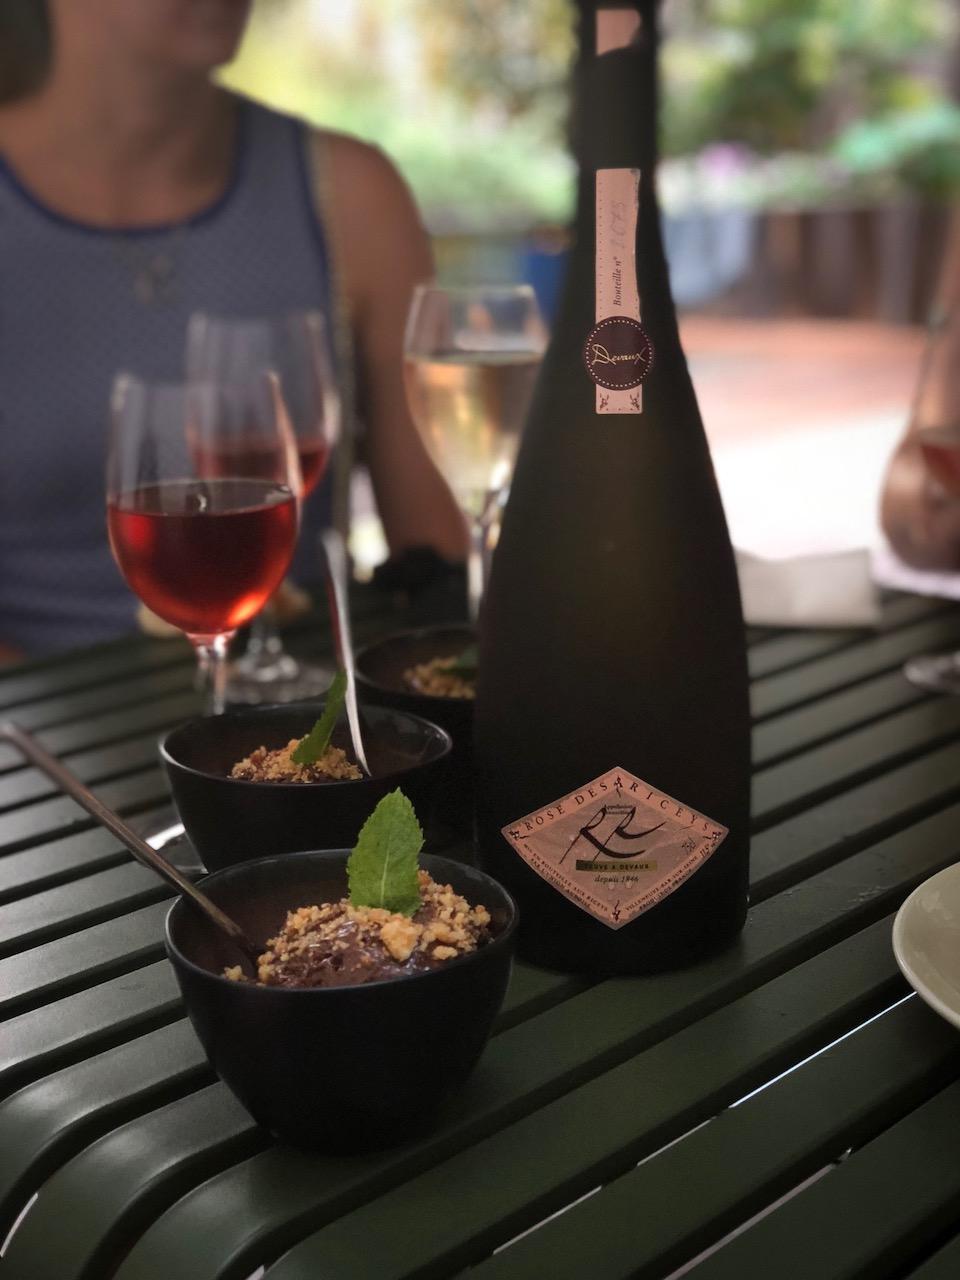 Rosé des Riceys, un rosé profond issu du terroir champenois